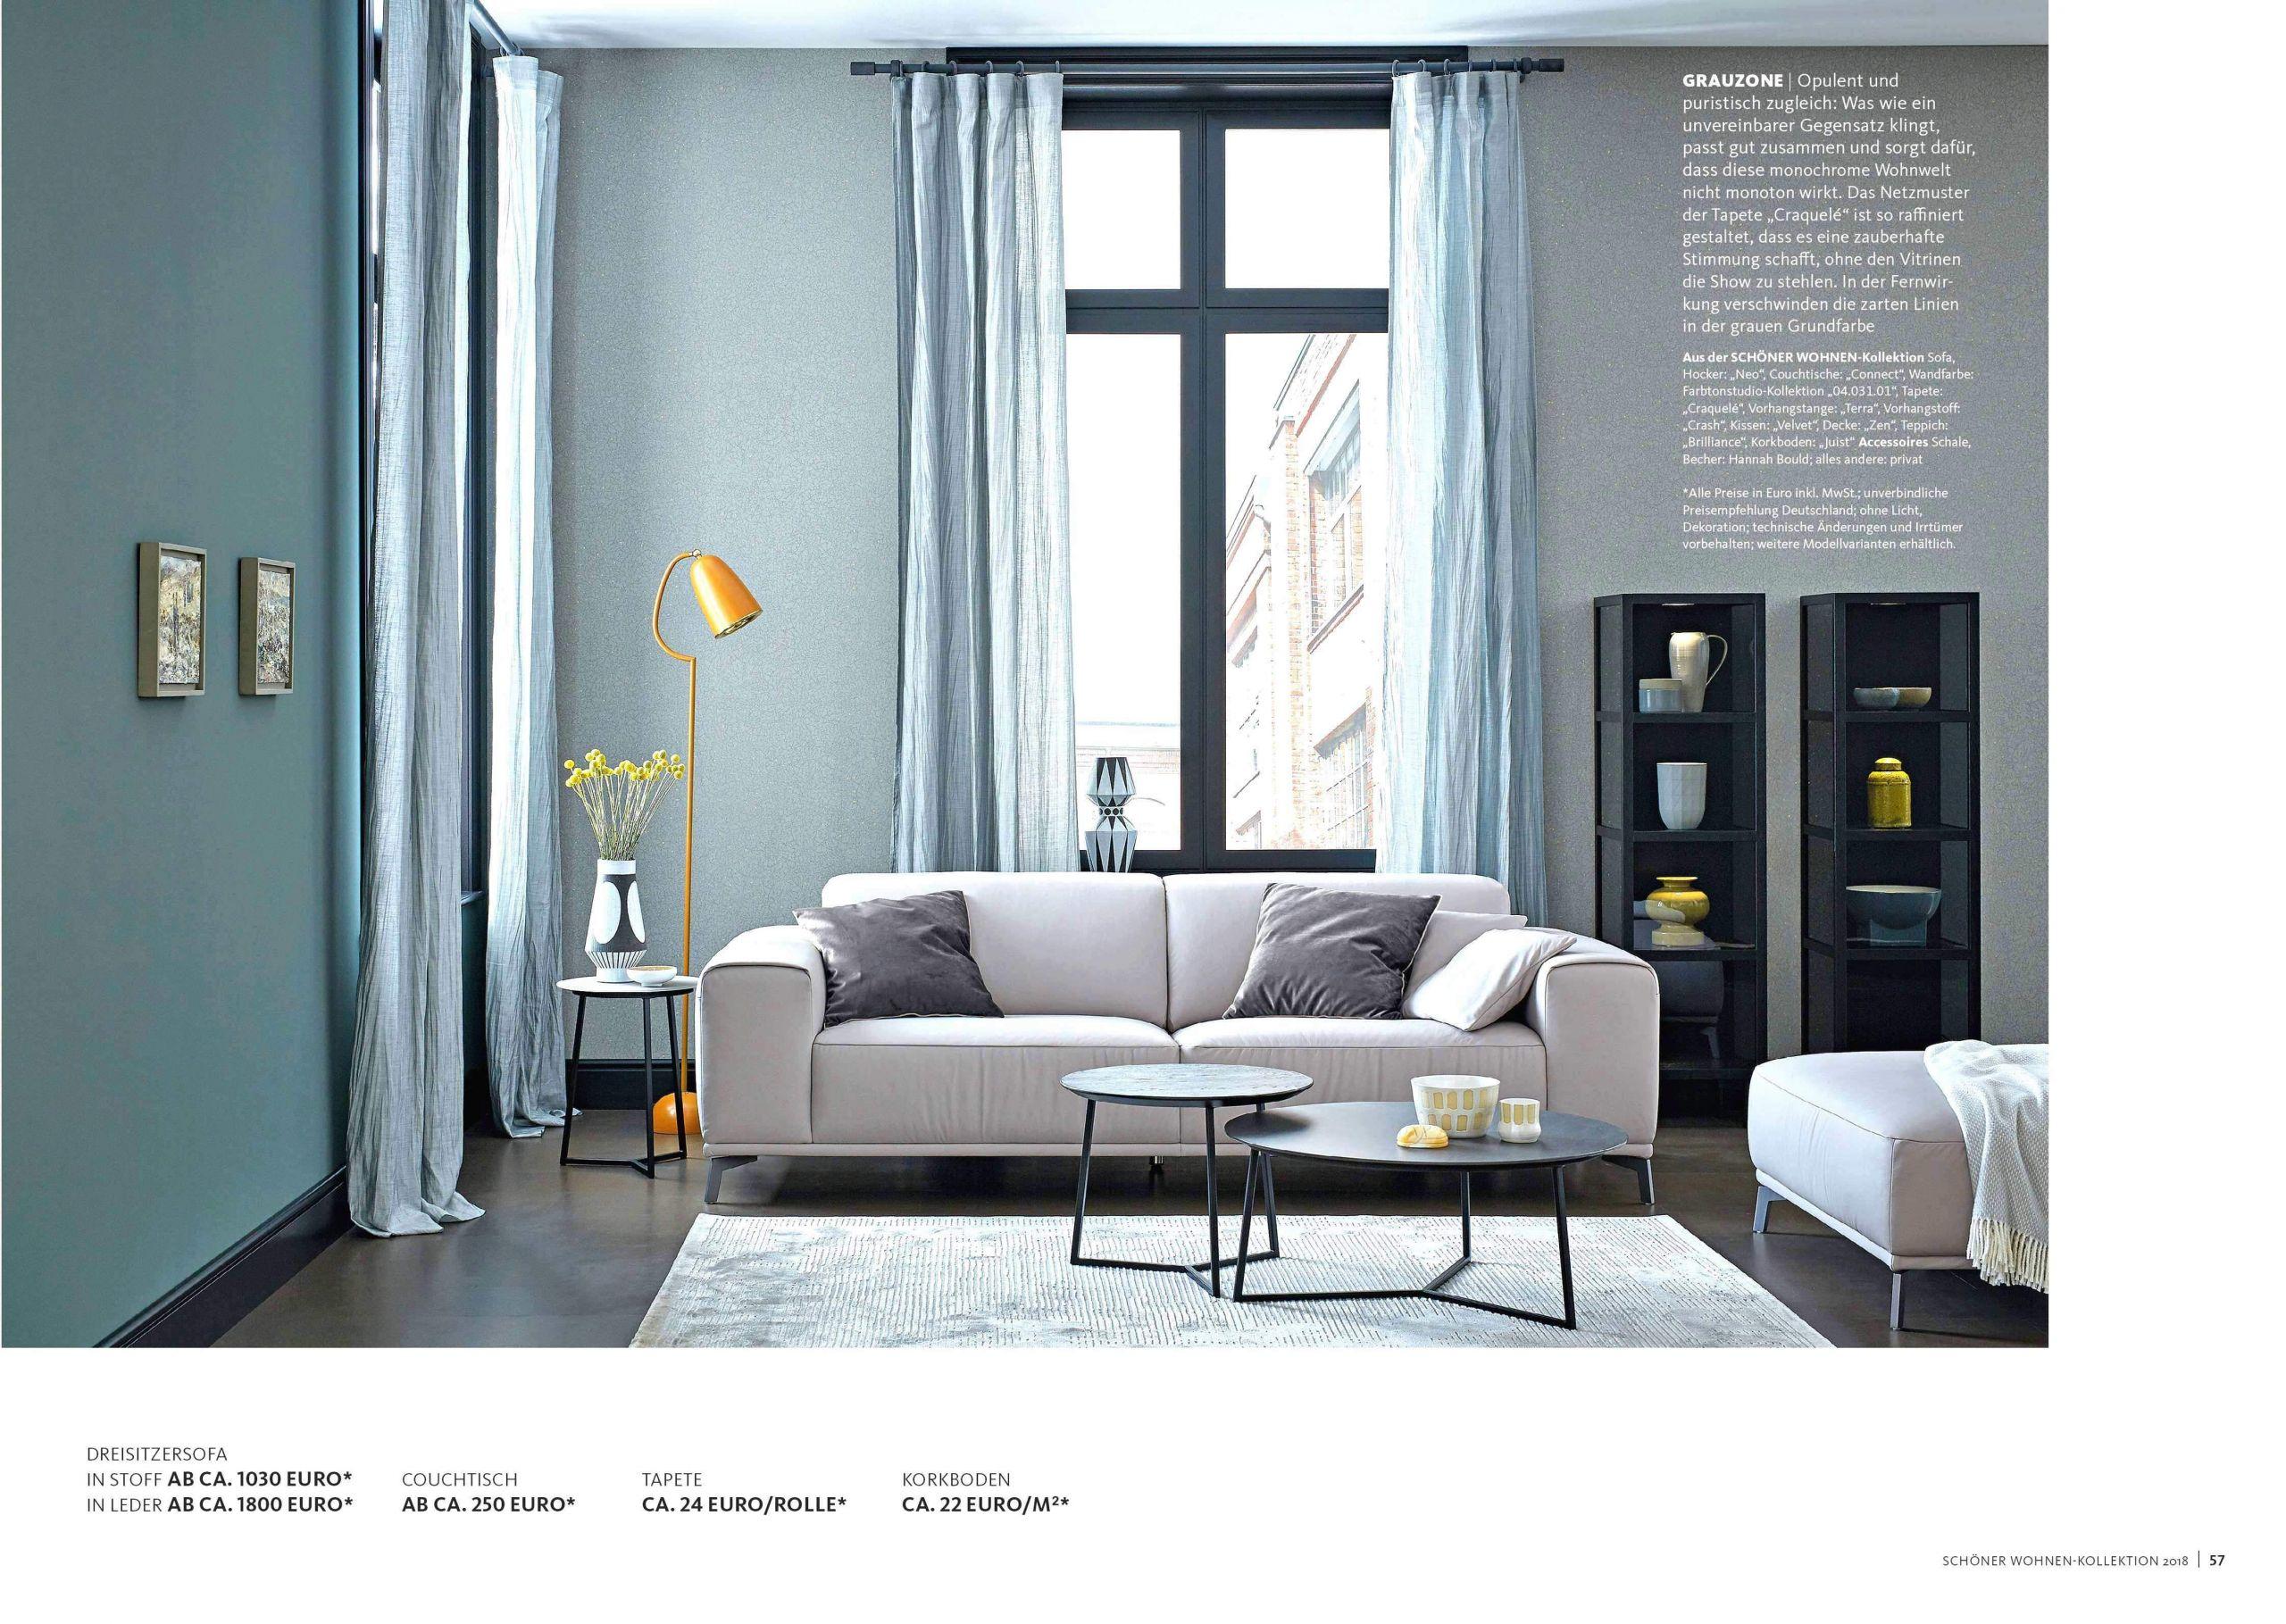 wohnzimmer ideen grau einzigartig 37 reizend grau rosa wohnzimmer of wohnzimmer ideen grau